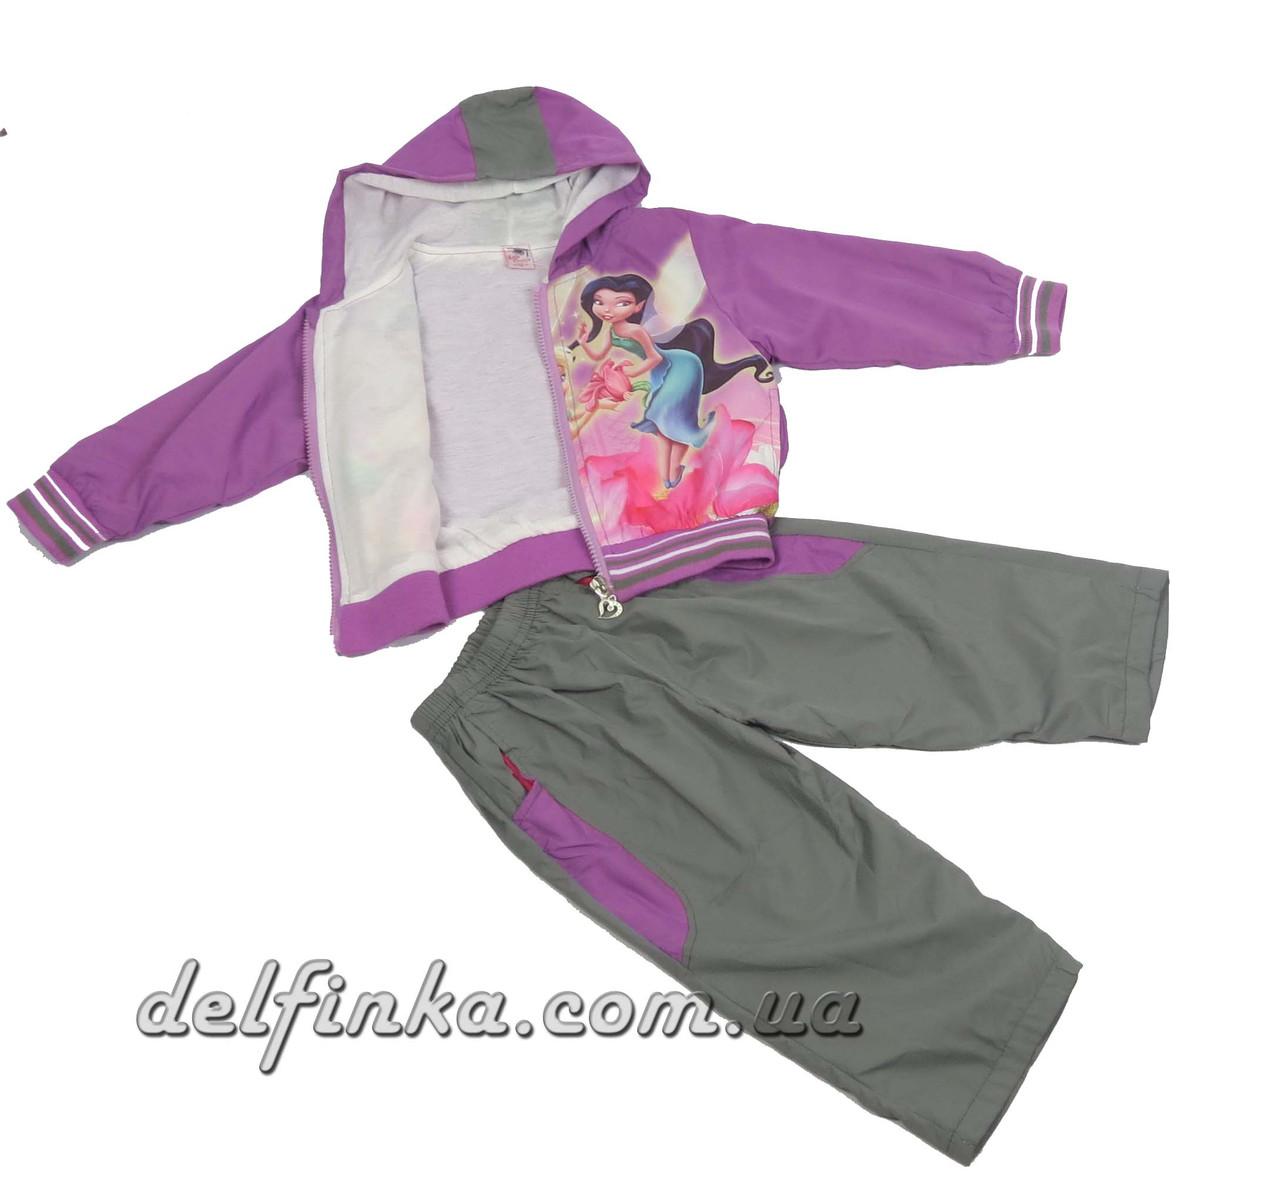 Костюм для девочки с 1 года до 3 лет, цвет:фиолетовый, фото 2